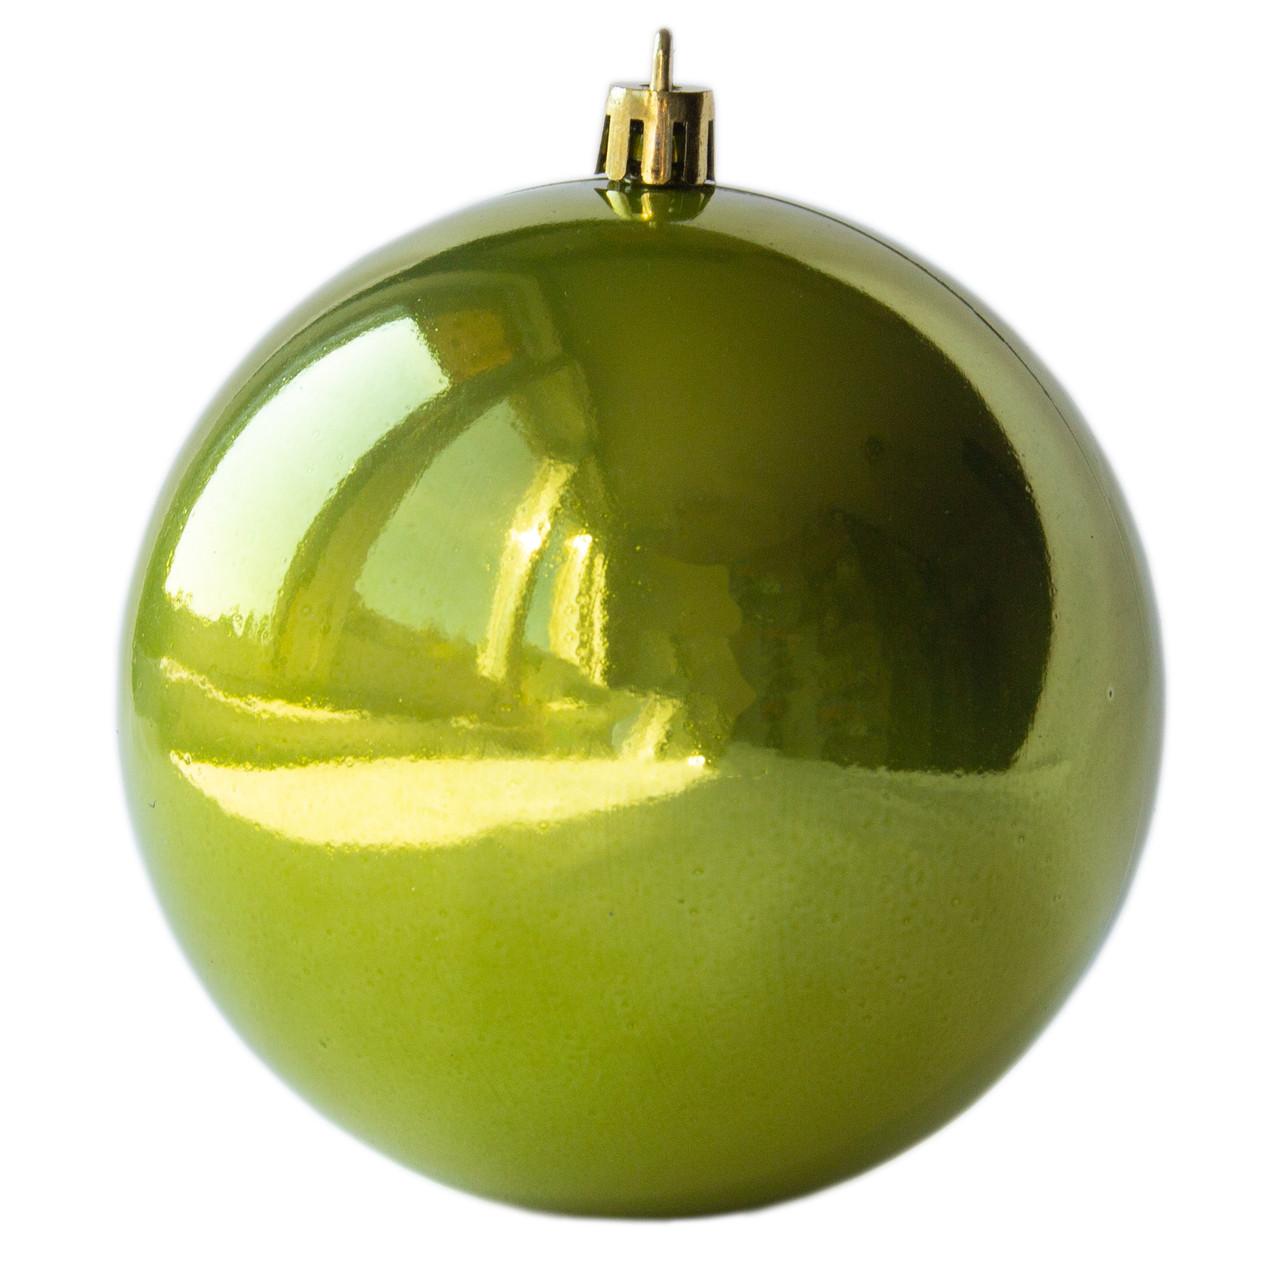 Шар пластиковый глянцевый d-10см, оливковый (890933)